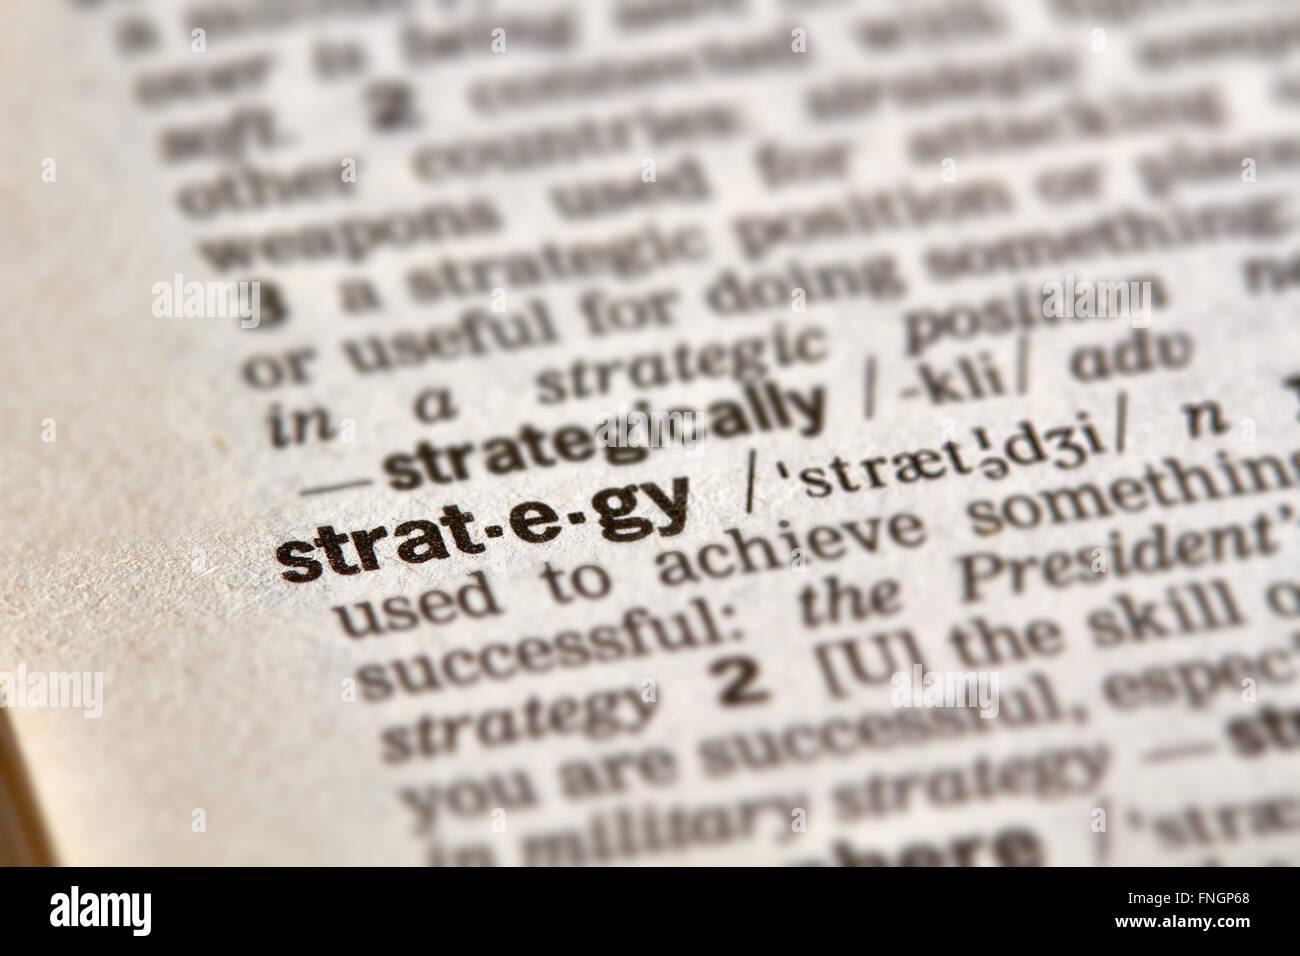 Définition de la stratégie de mot du texte dans la page Dictionnaire Photo Stock